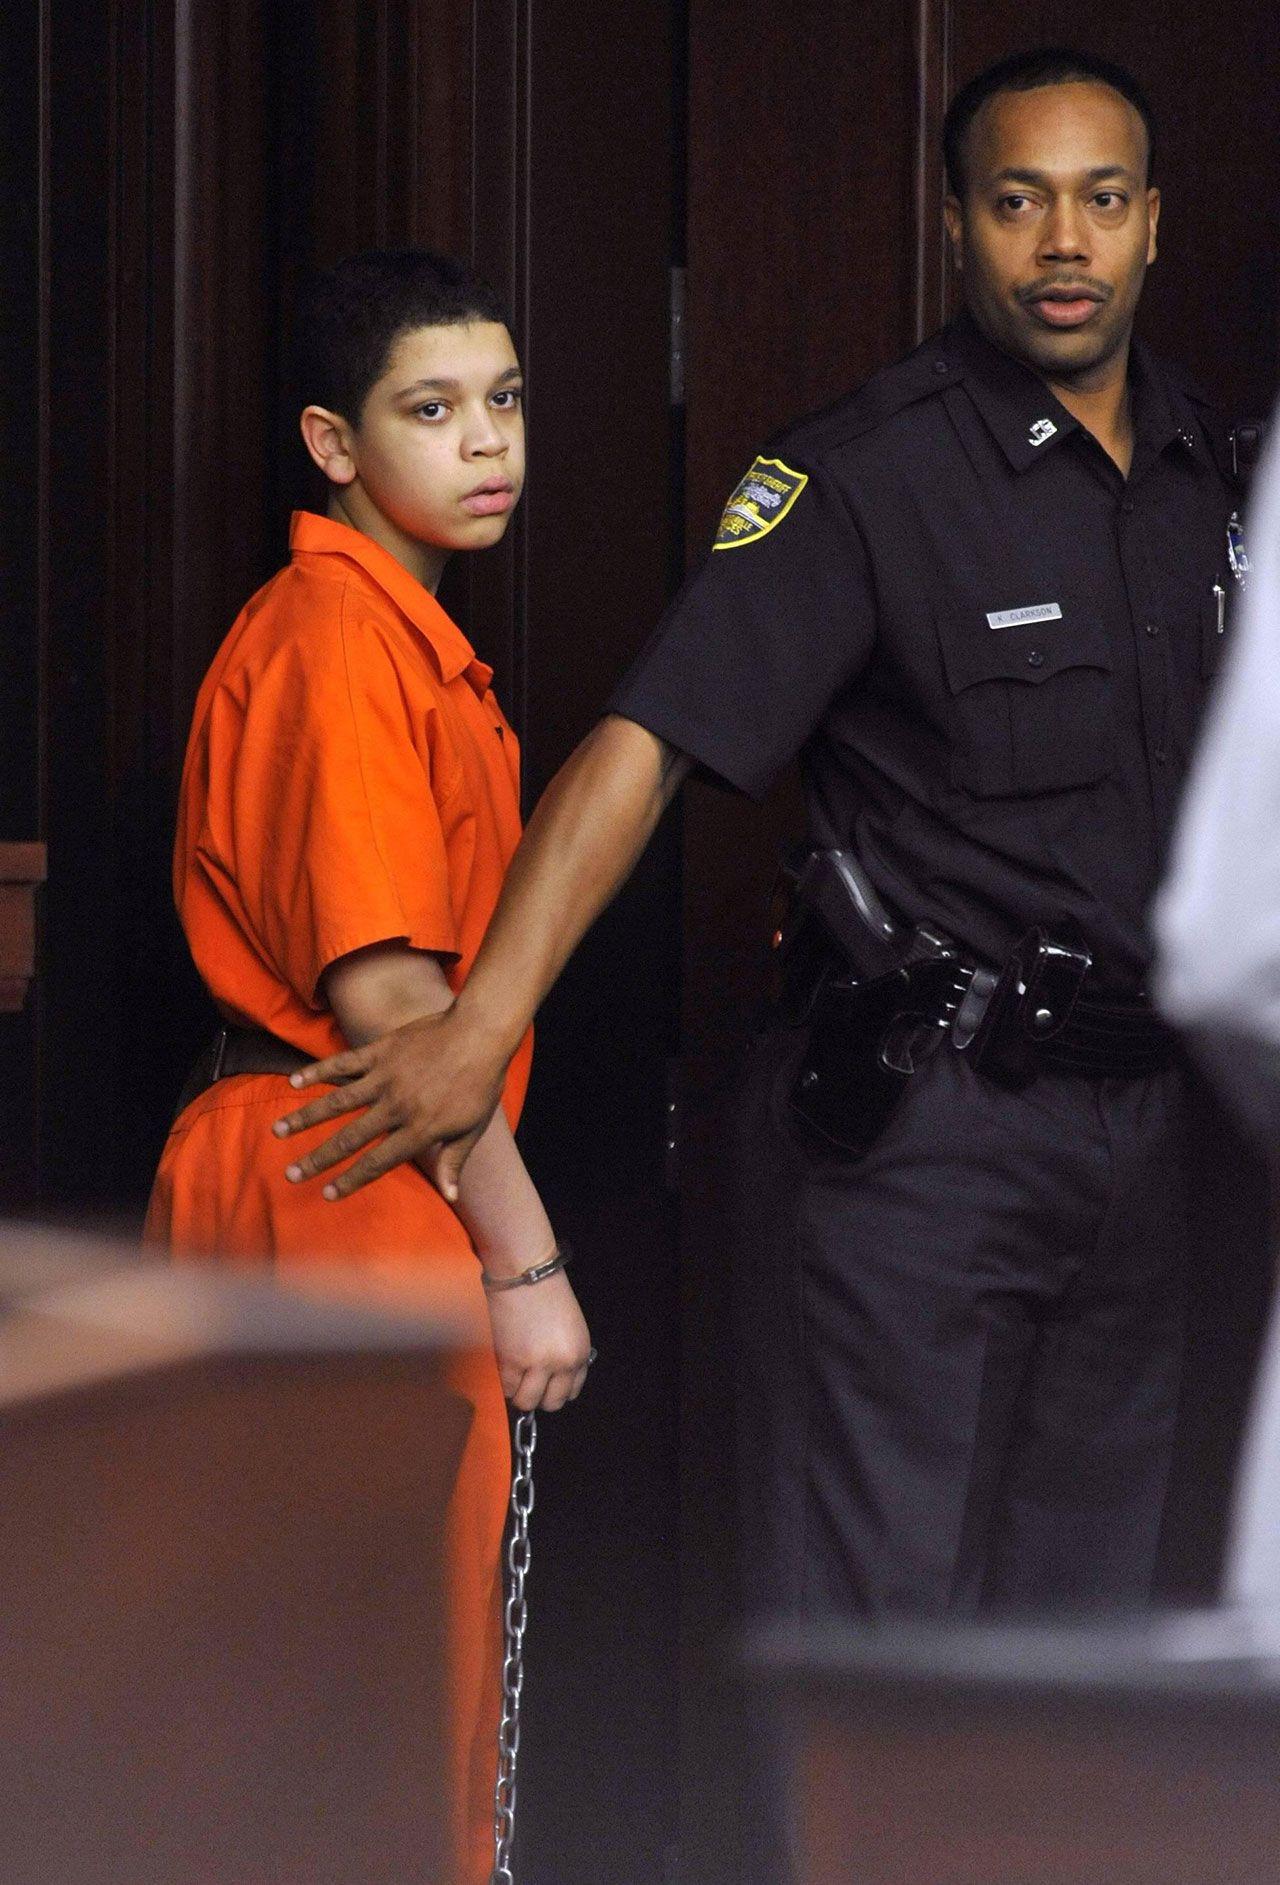 13 yaşında müebbet hapis aldı! - Sayfa 4